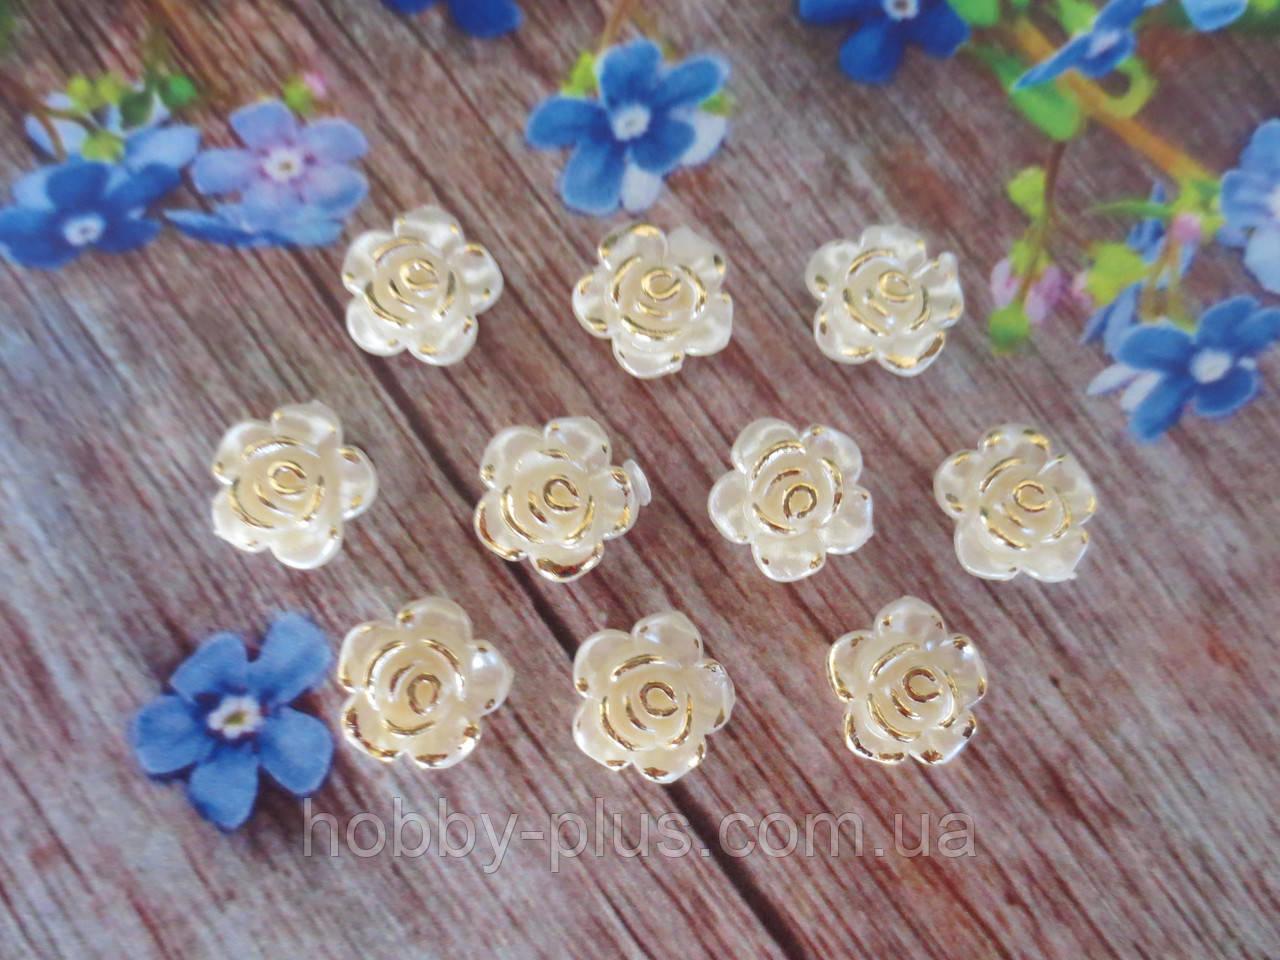 """Серединка акриловая """"Роза перламутровая с позолотой"""", d 12 мм, цвет жемчужный, 10 шт."""